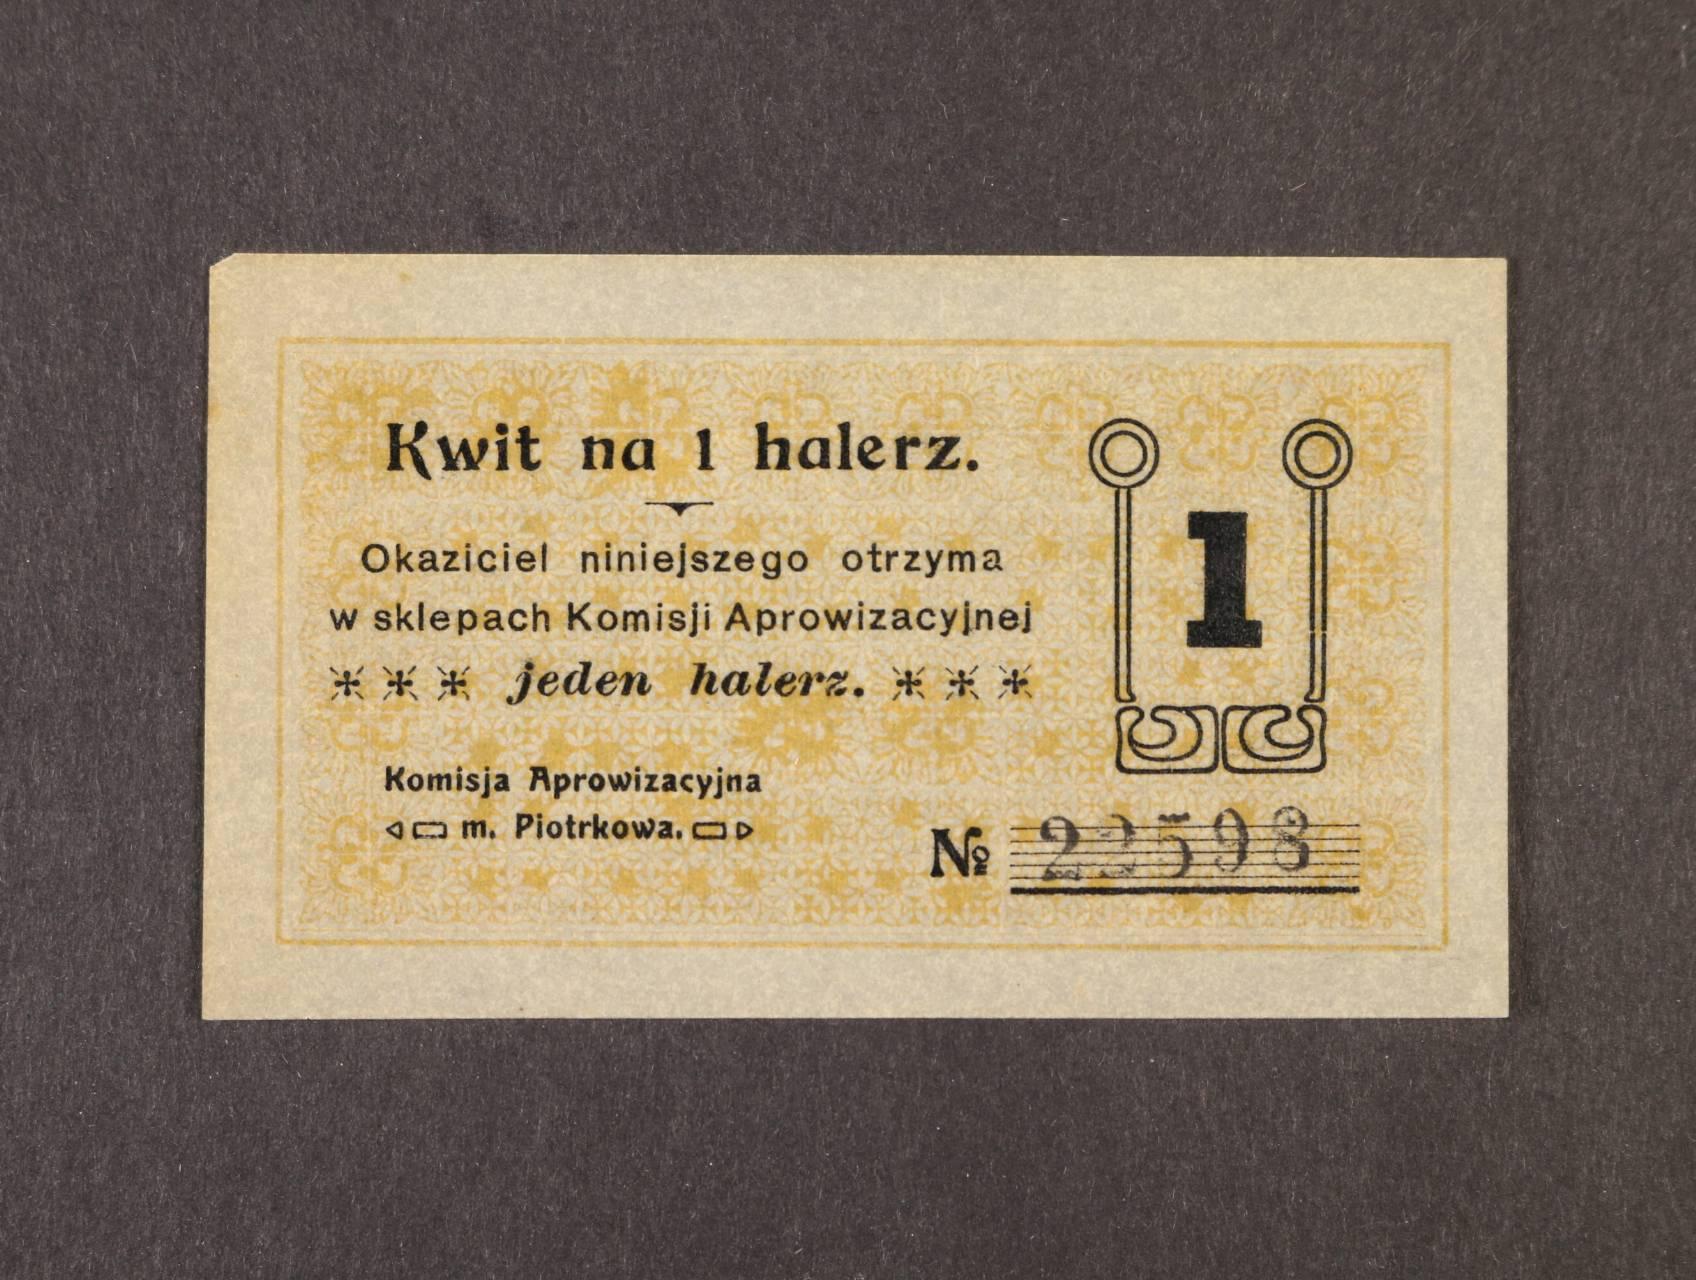 Piotrokow, 1 halerz b.d. Komisija Aprowizacyjna, Rj. R-27226